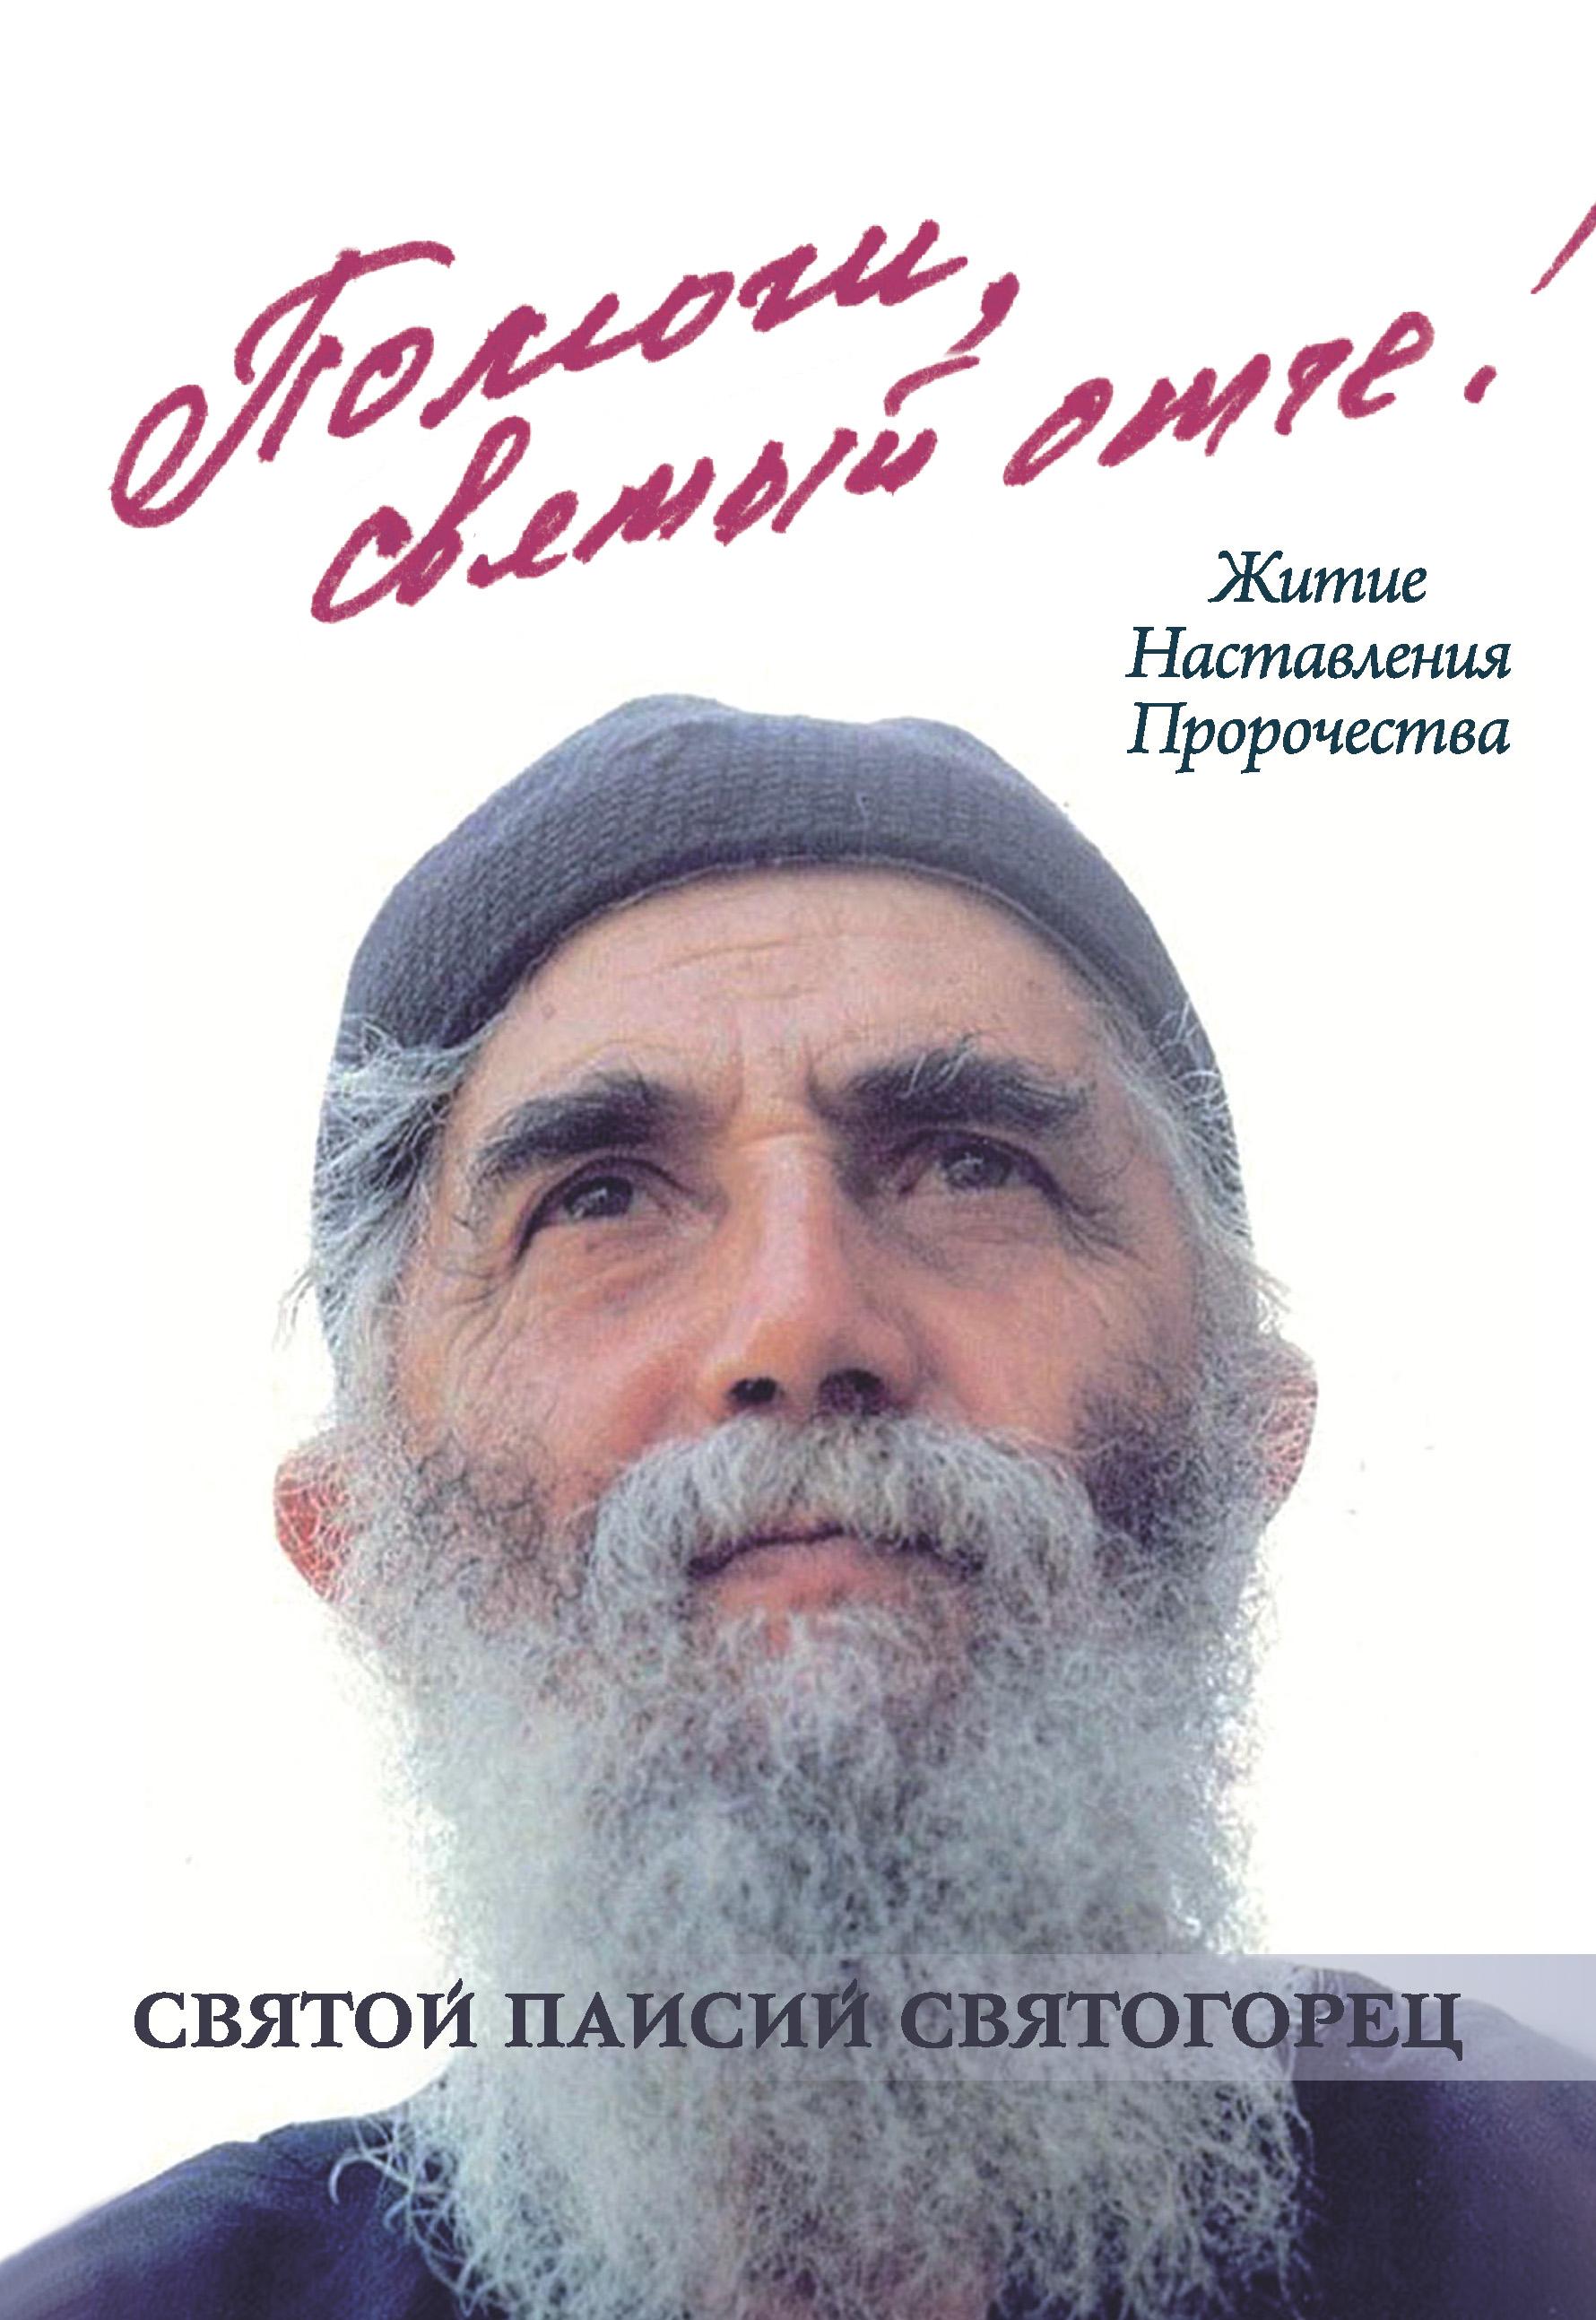 О. А. Казаков Помоги, святый отче! Святой Паисий Святогорец. Житие. Наставления. Пророчества